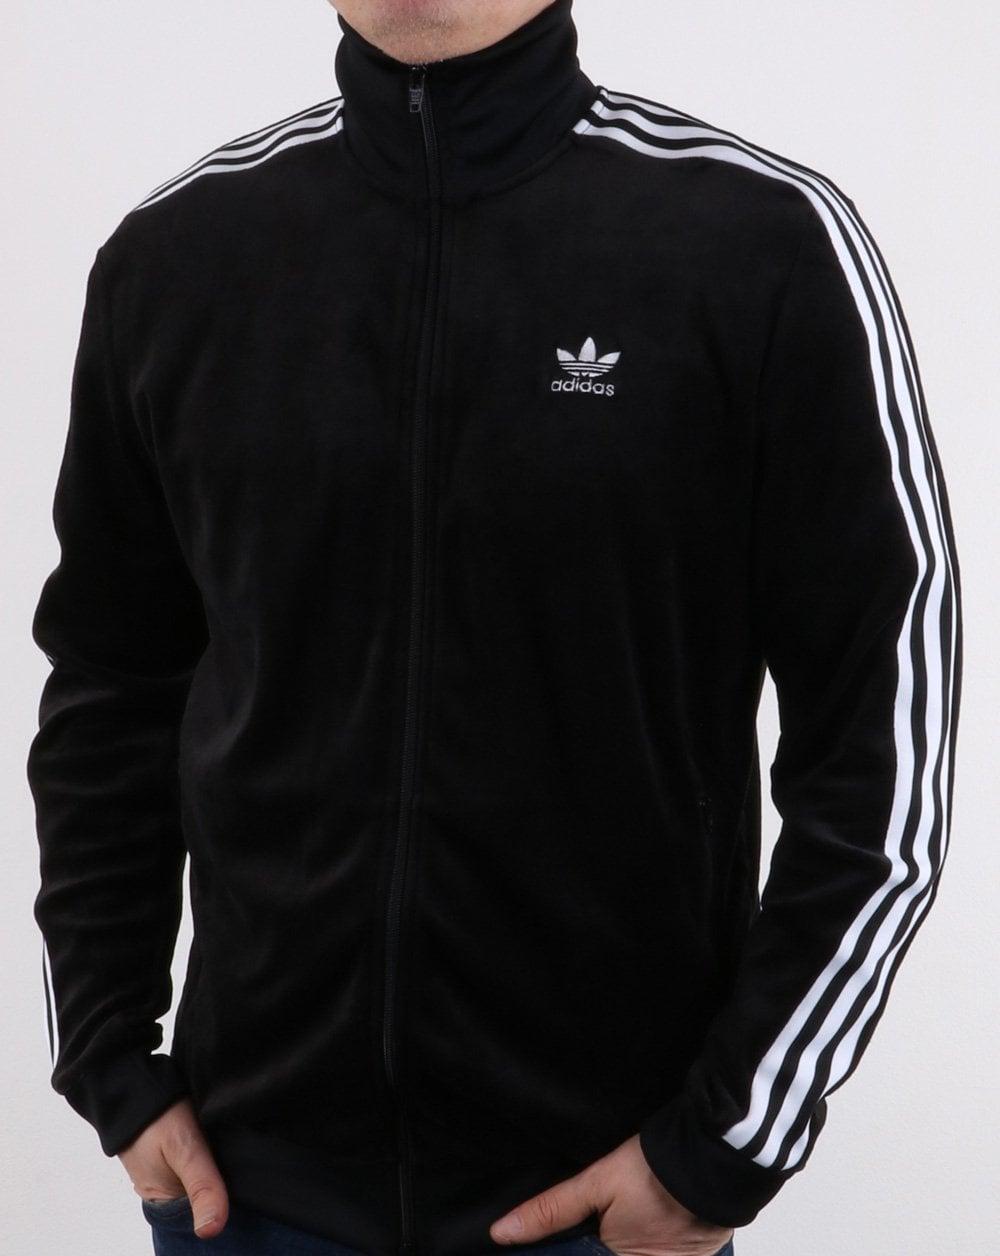 efdd012749f5 adidas Originals Adidas Originals Velour Track Top Black